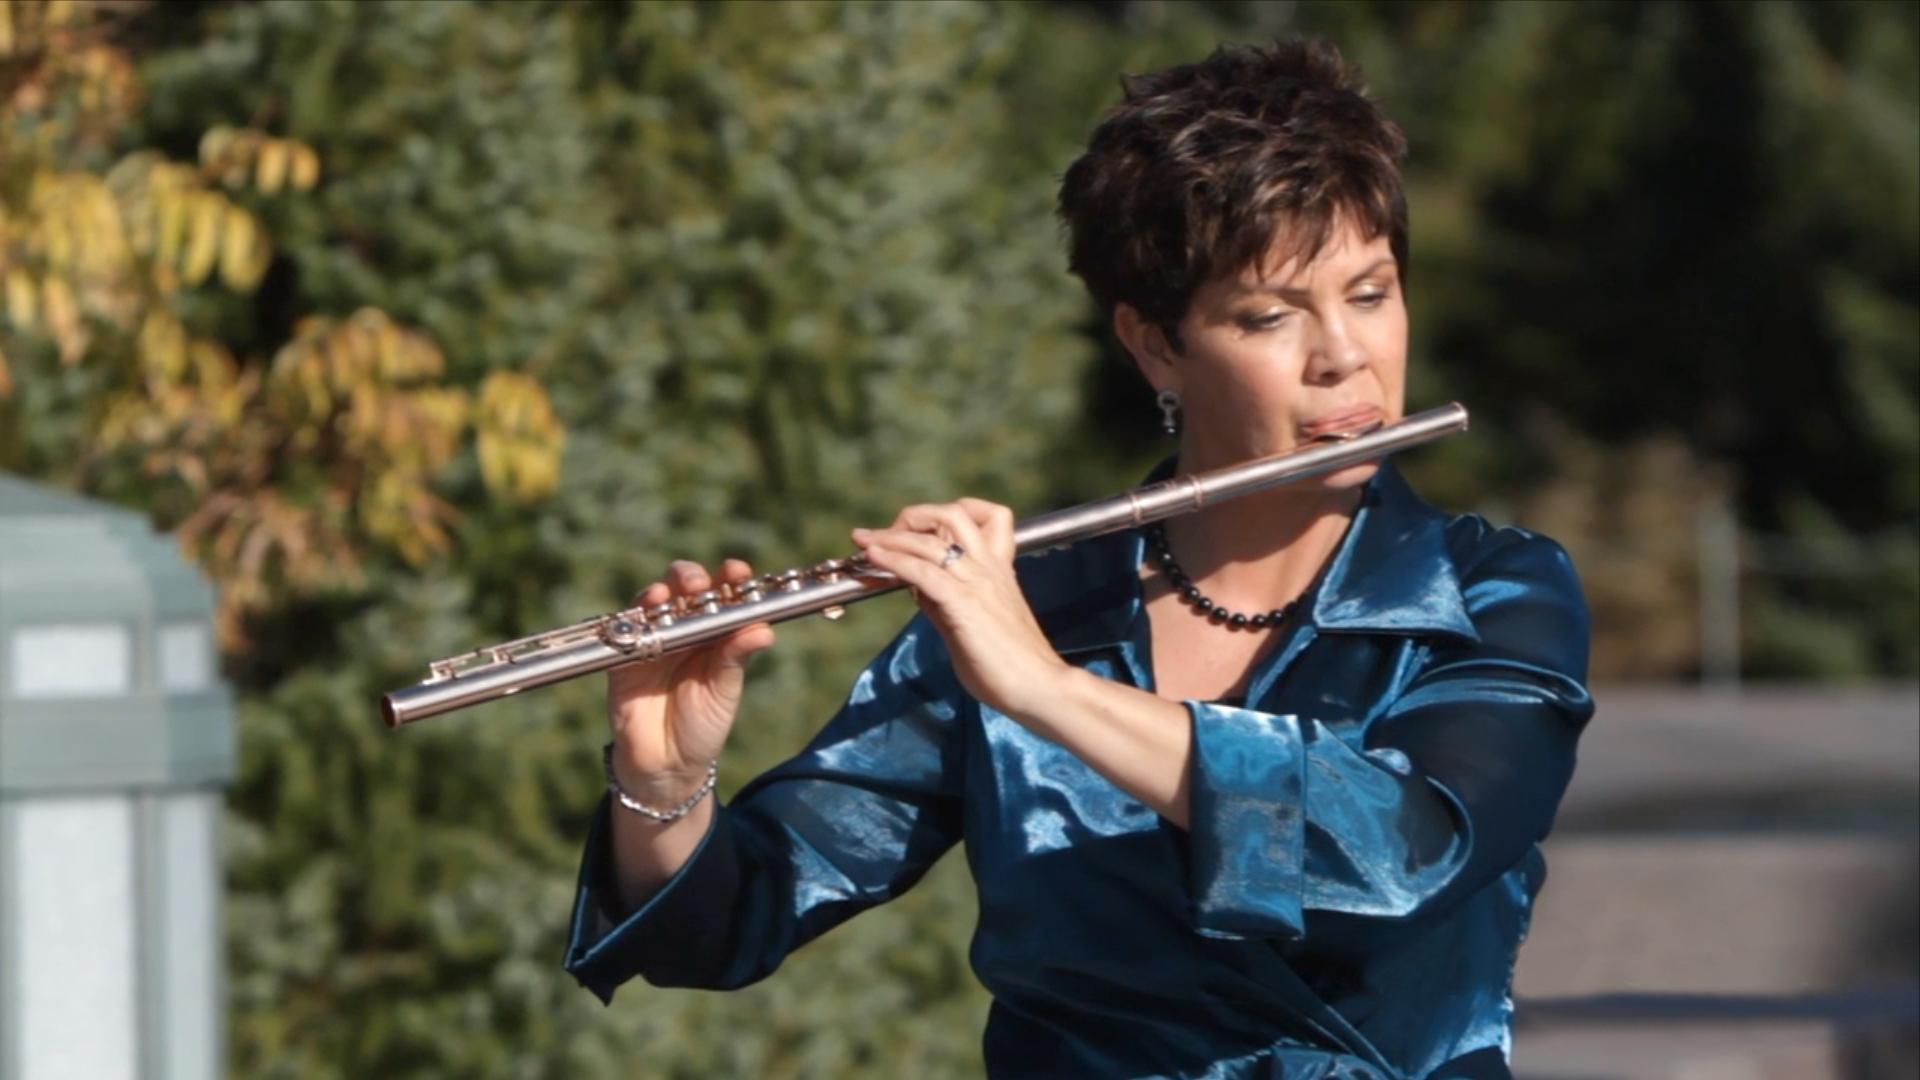 Jeannine Goeckeritz - Flute Out Door Performance.jpg